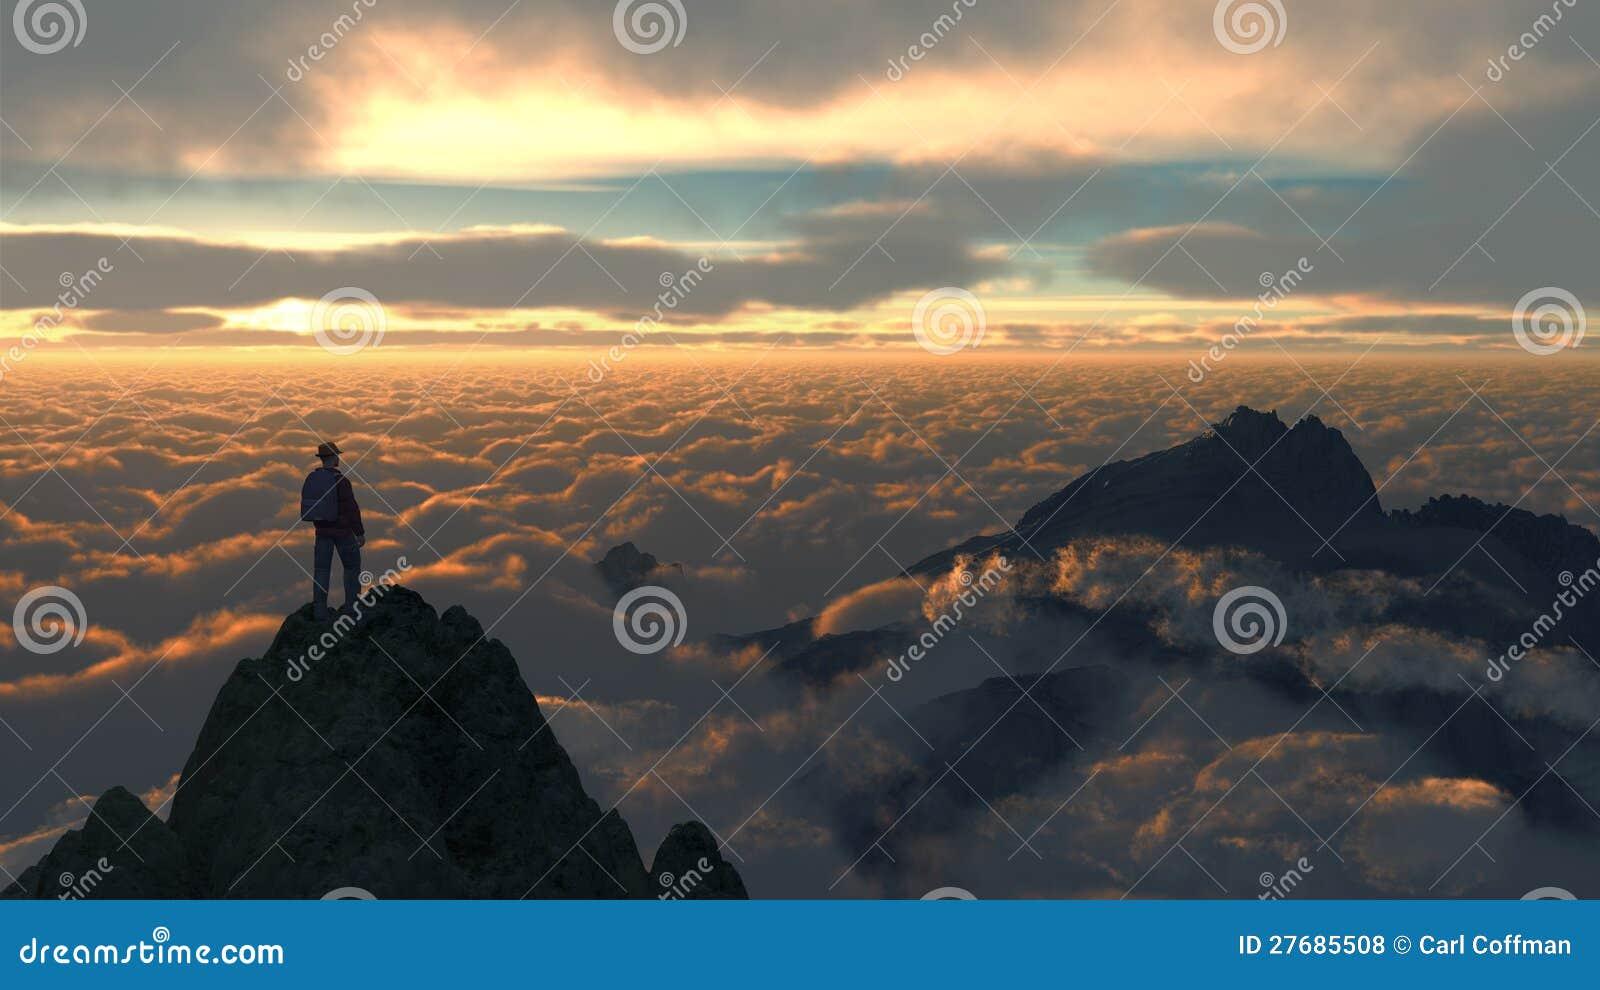 Himmel-Berg C1